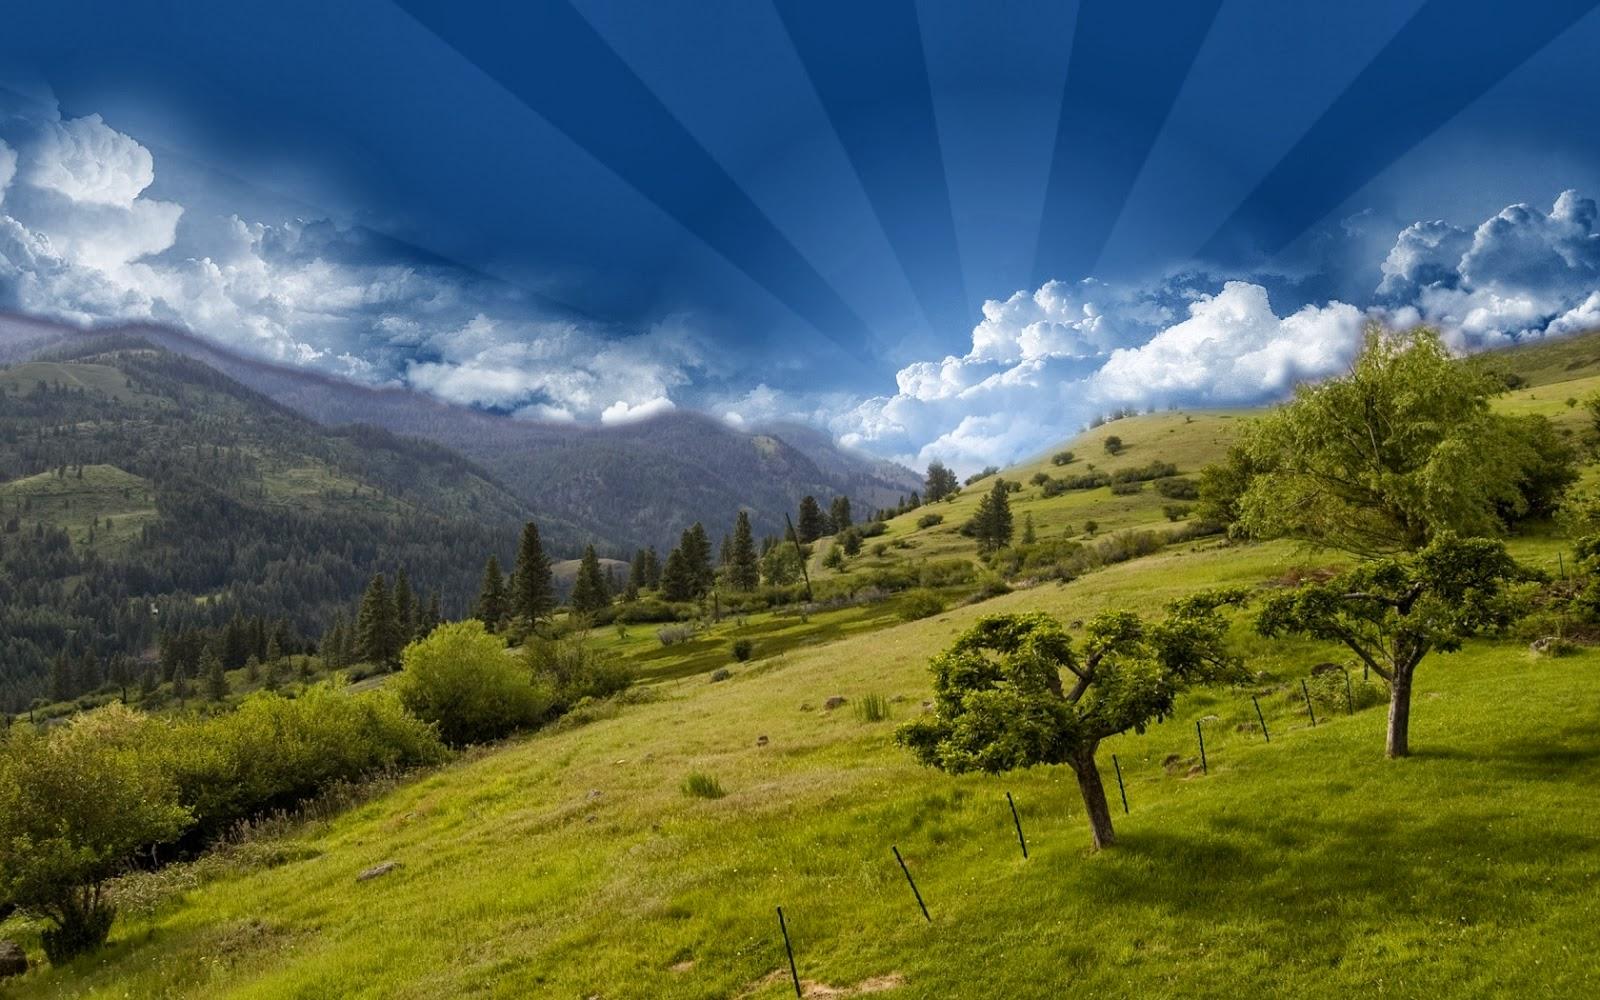 """<img src=""""http://4.bp.blogspot.com/-ox8zqcZLBwM/Ut_qV9vmQVI/AAAAAAAAJuw/f2hXn9cUod8/s1600/hill-top-mountain-sky.jpg"""" alt=""""hill top mountain sky"""" />"""